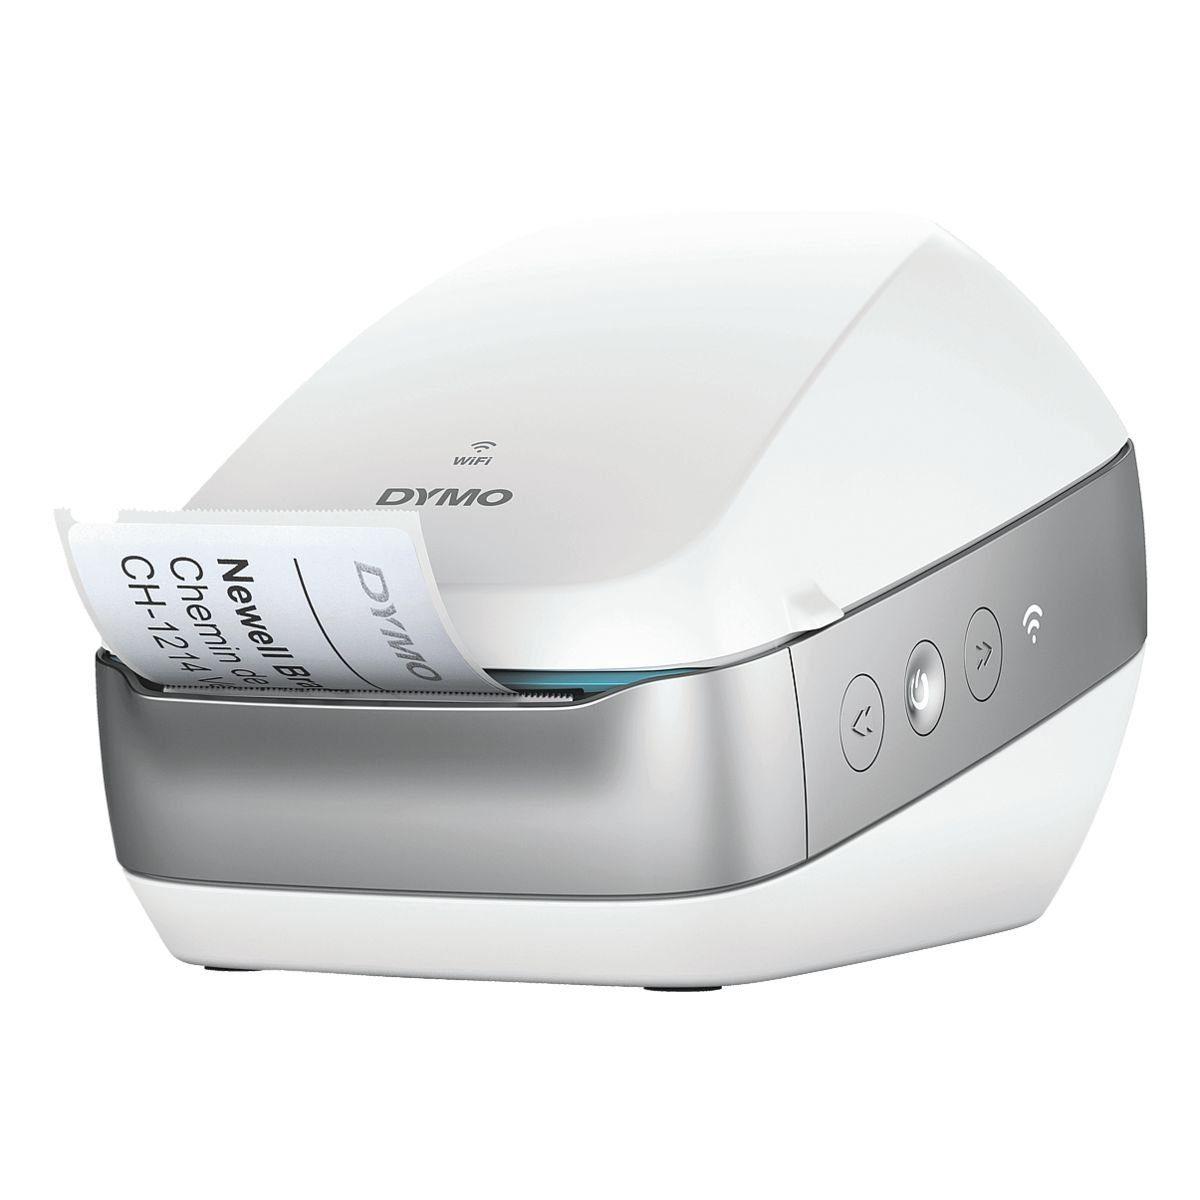 DYMO Etikettendrucker Wireless »Labelwriter«